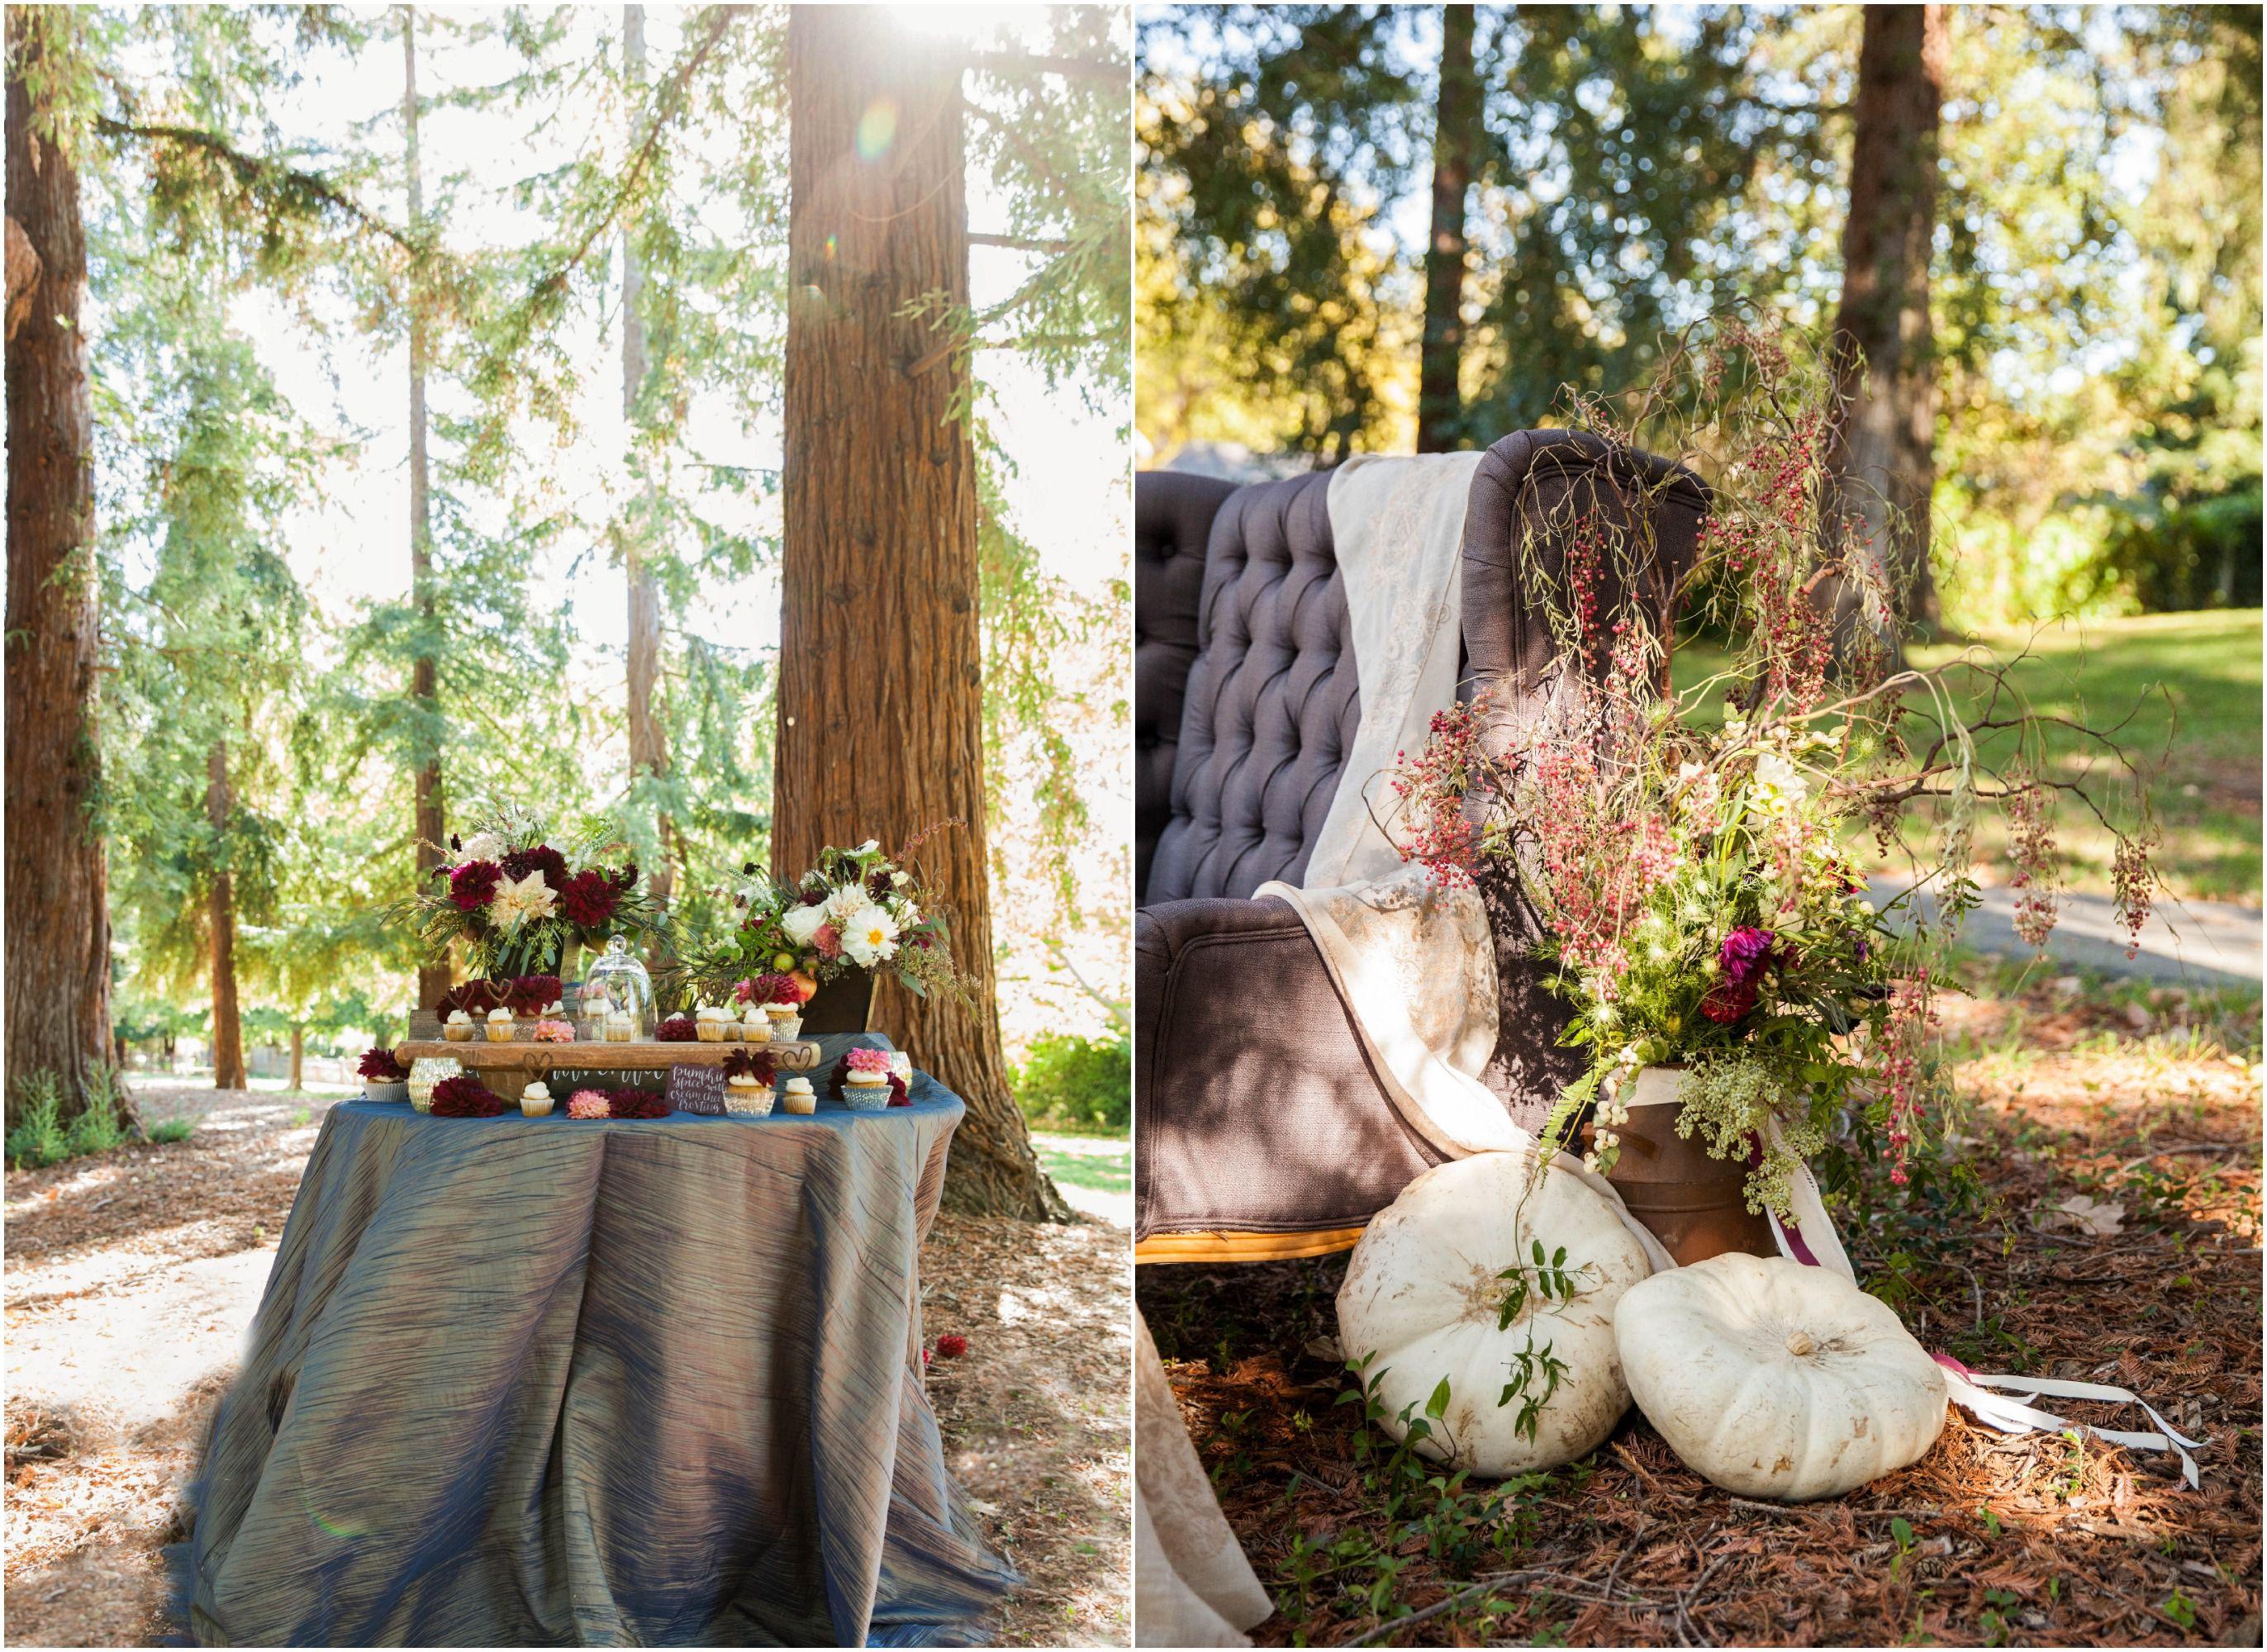 Woodland Rustic Wedding Ideas Rustic Wedding Chic